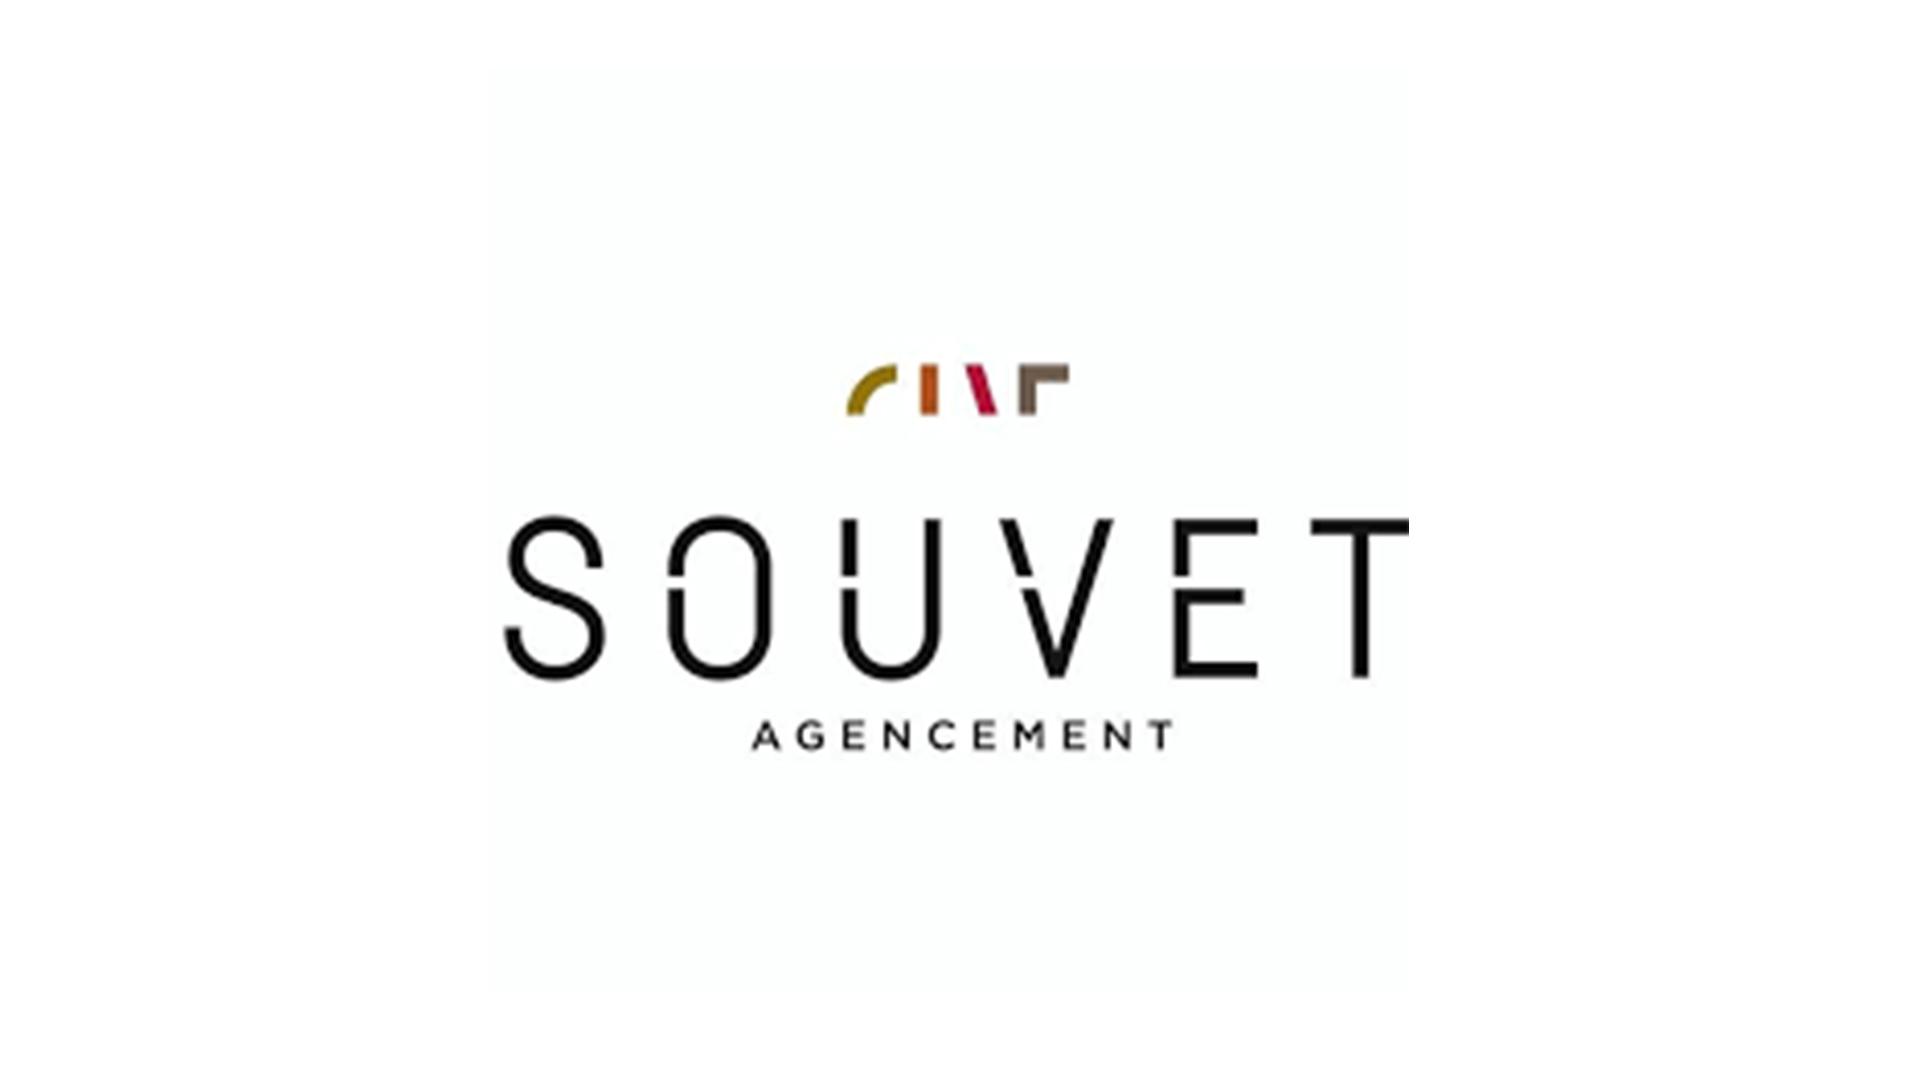 logo_souvet_agencement